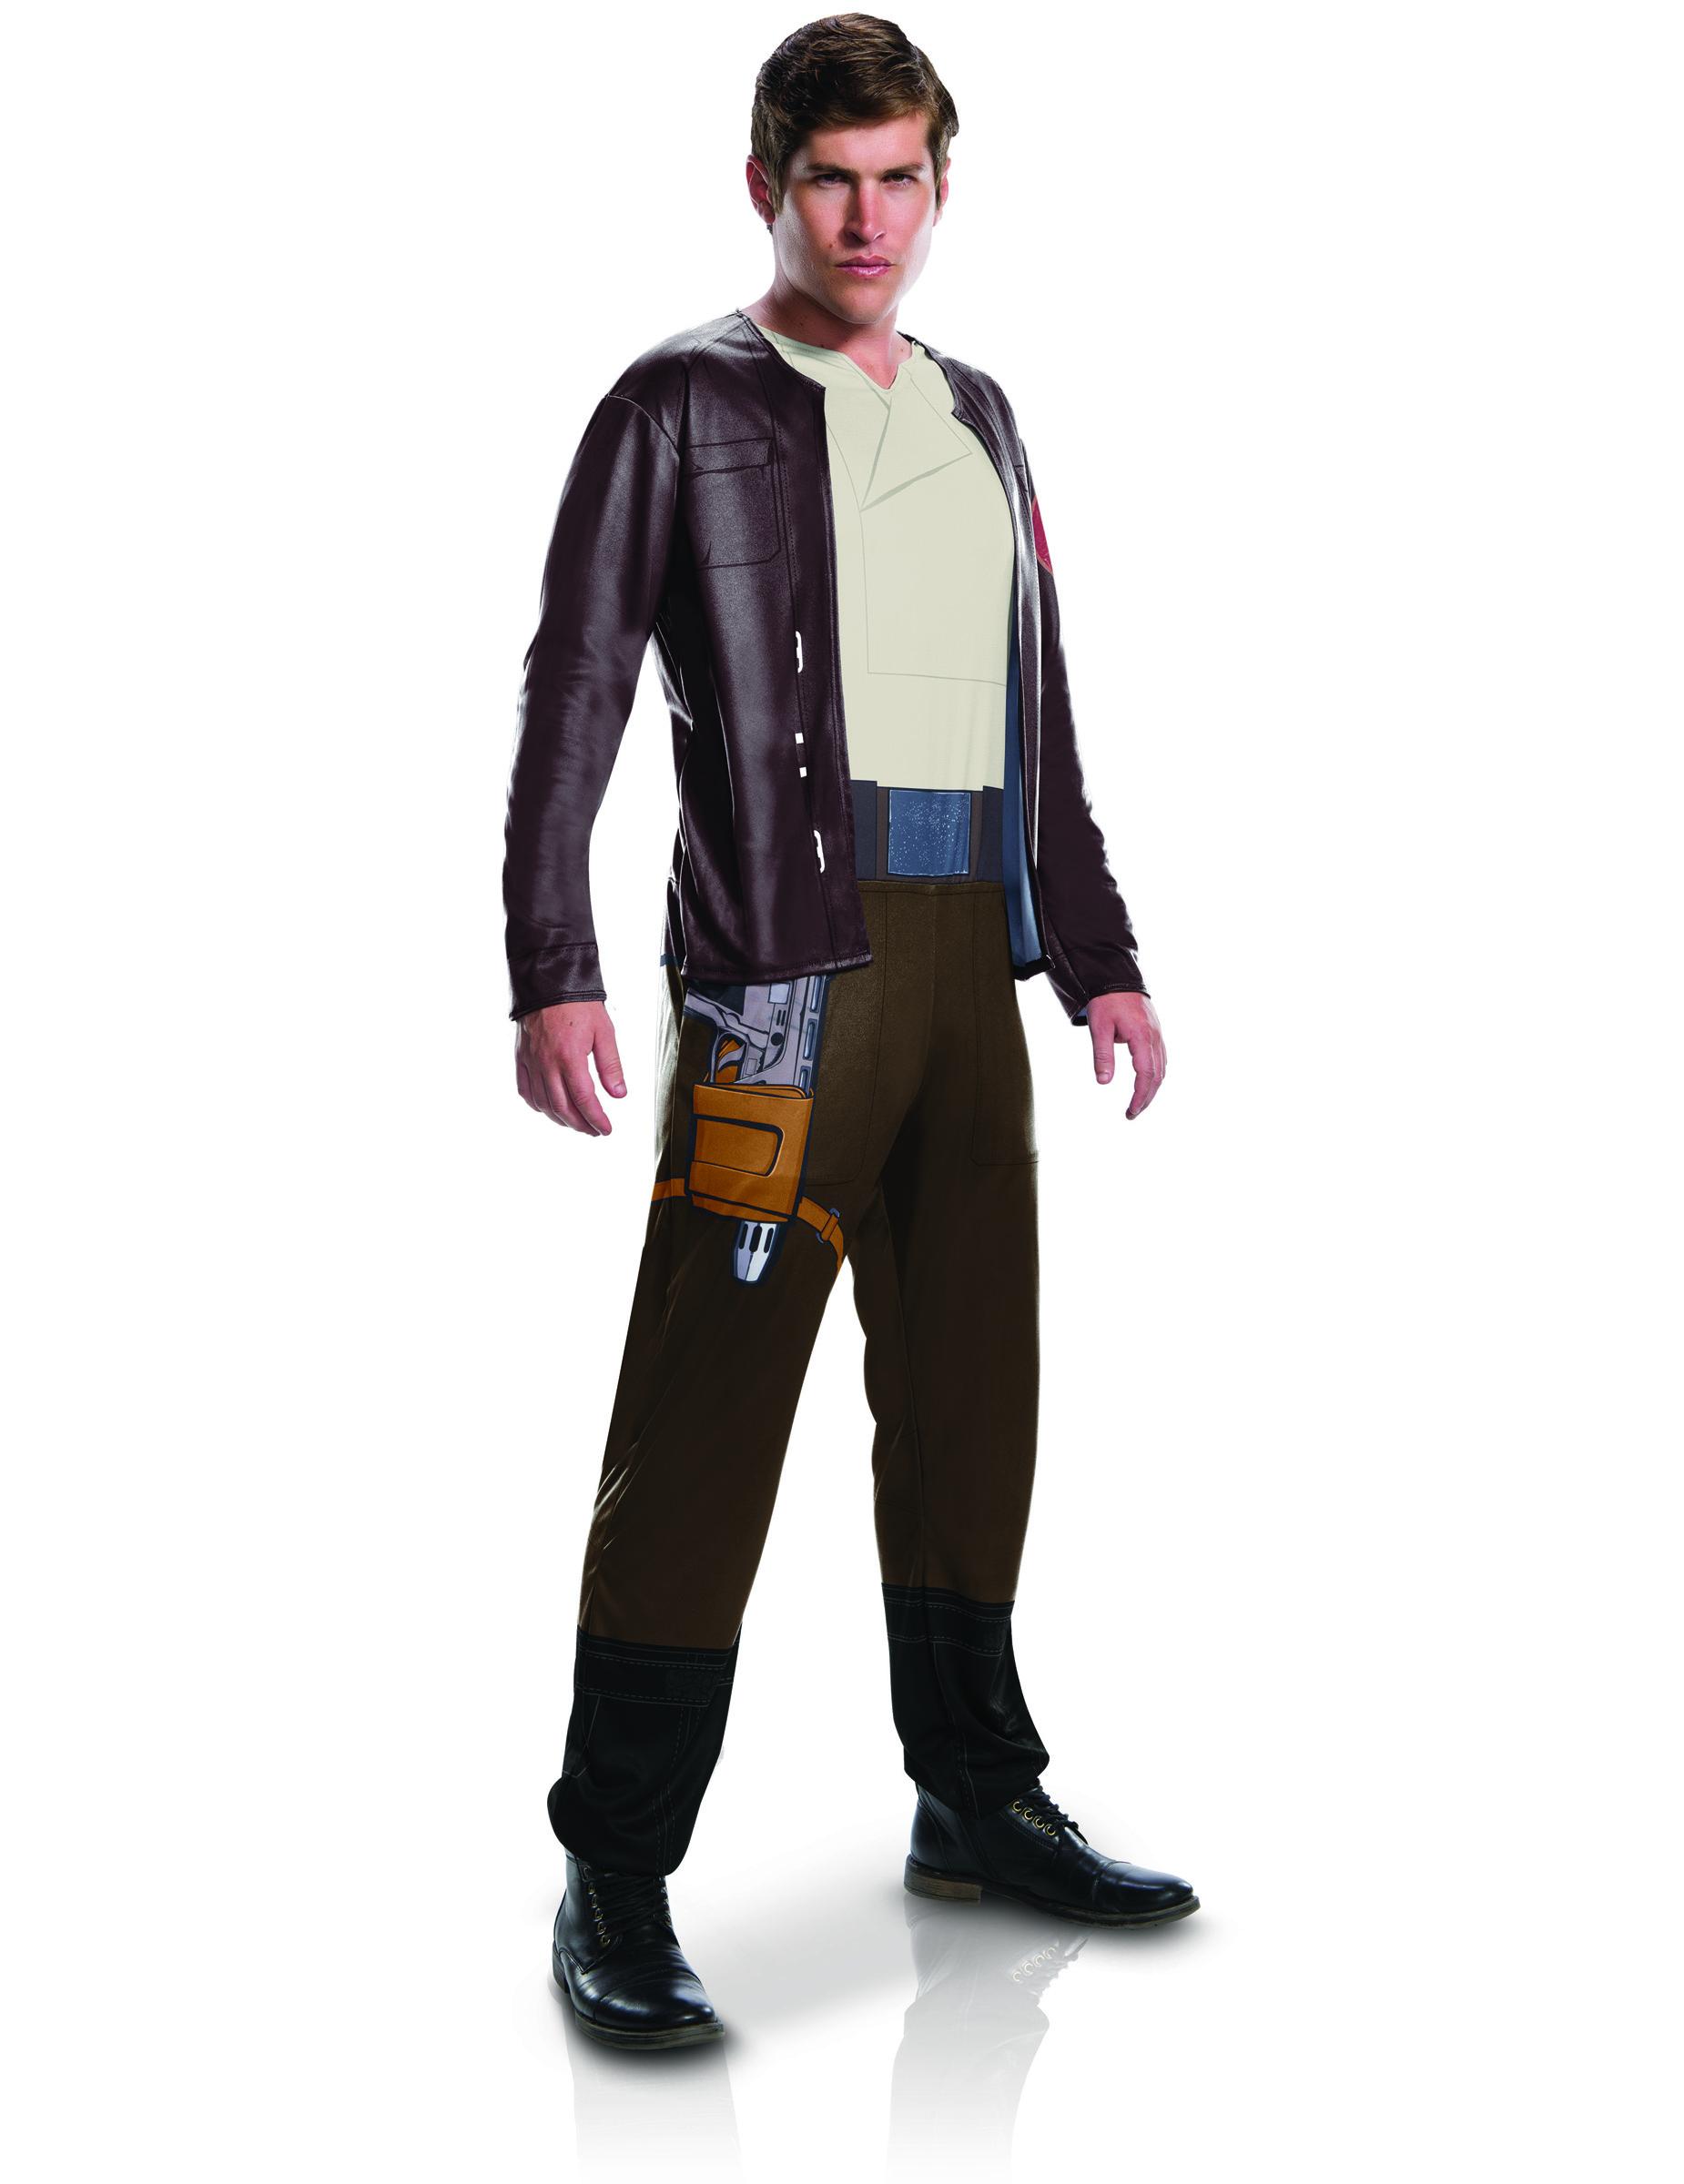 Disfraces Sencillos Para Adultos Finest Disfraz De Panam Adultos